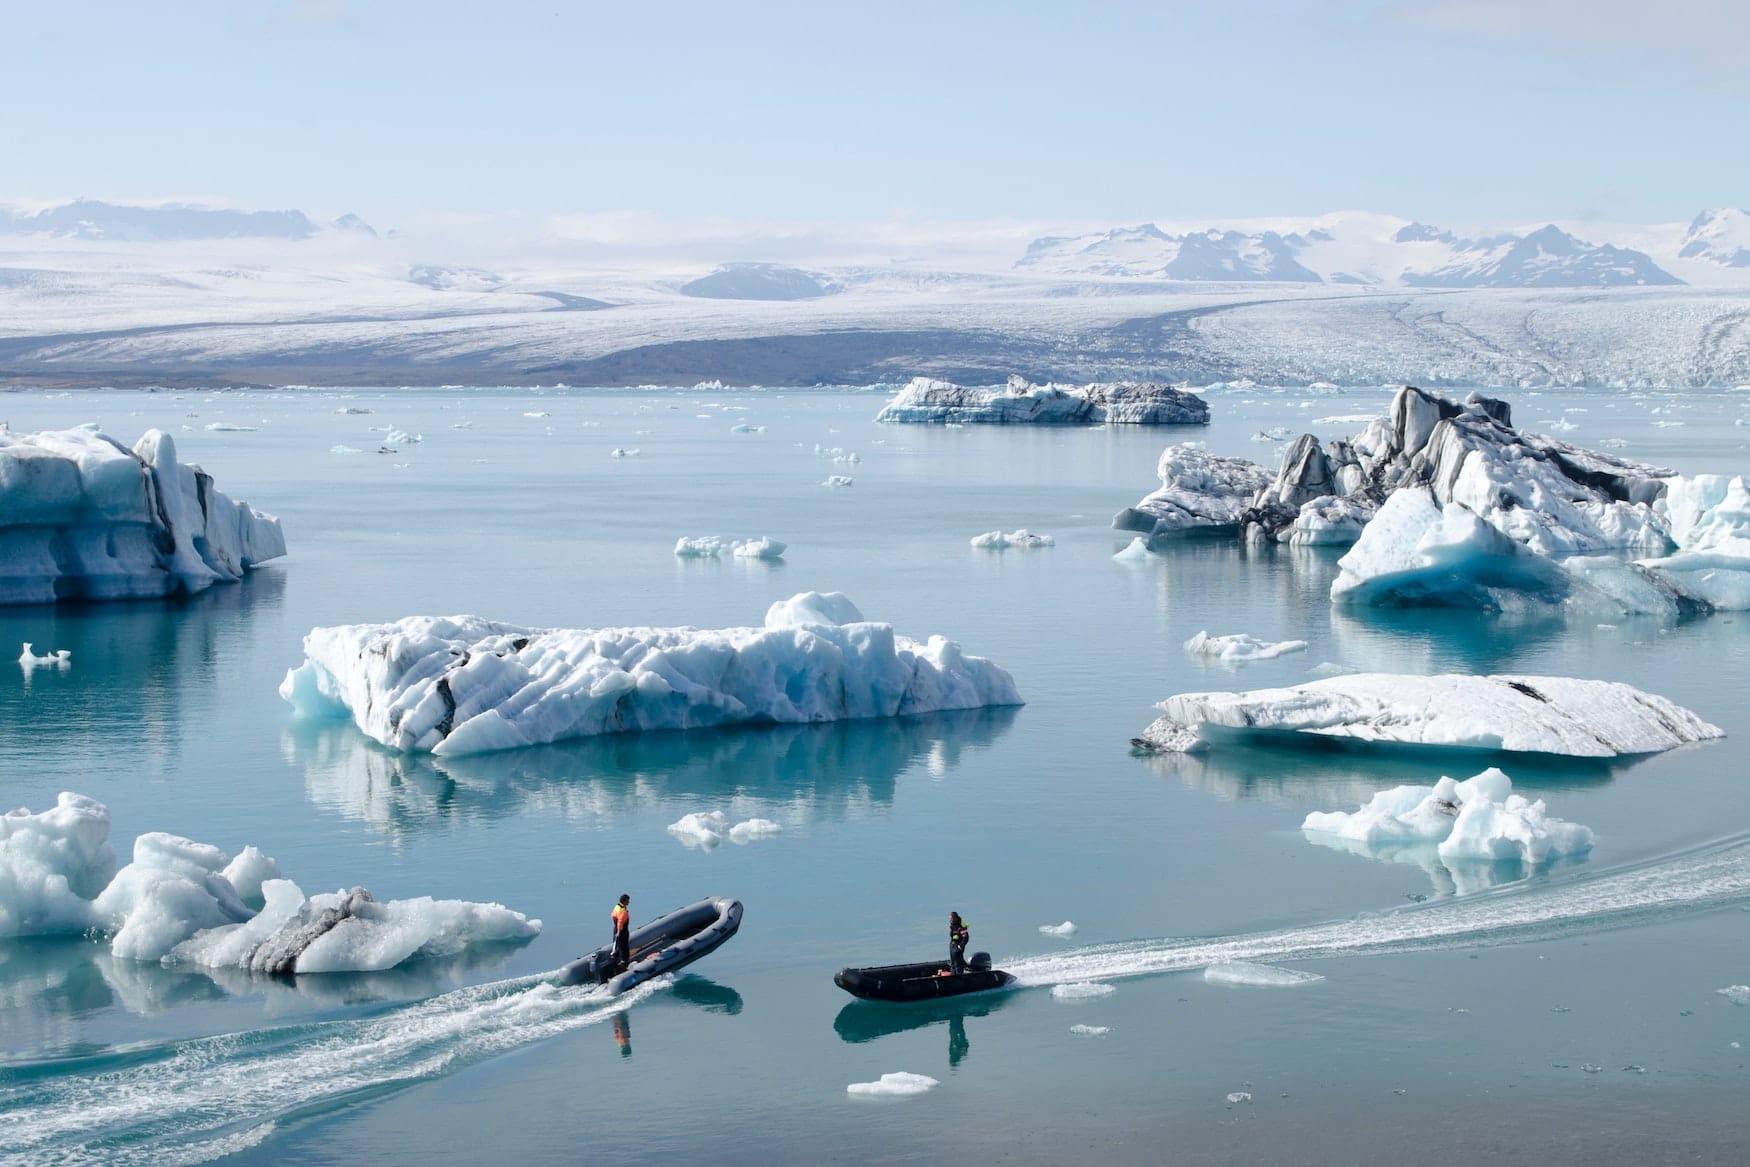 Kleine Boote fahren über See in Island. Überall liegen große Eisbrocken im Wasser.